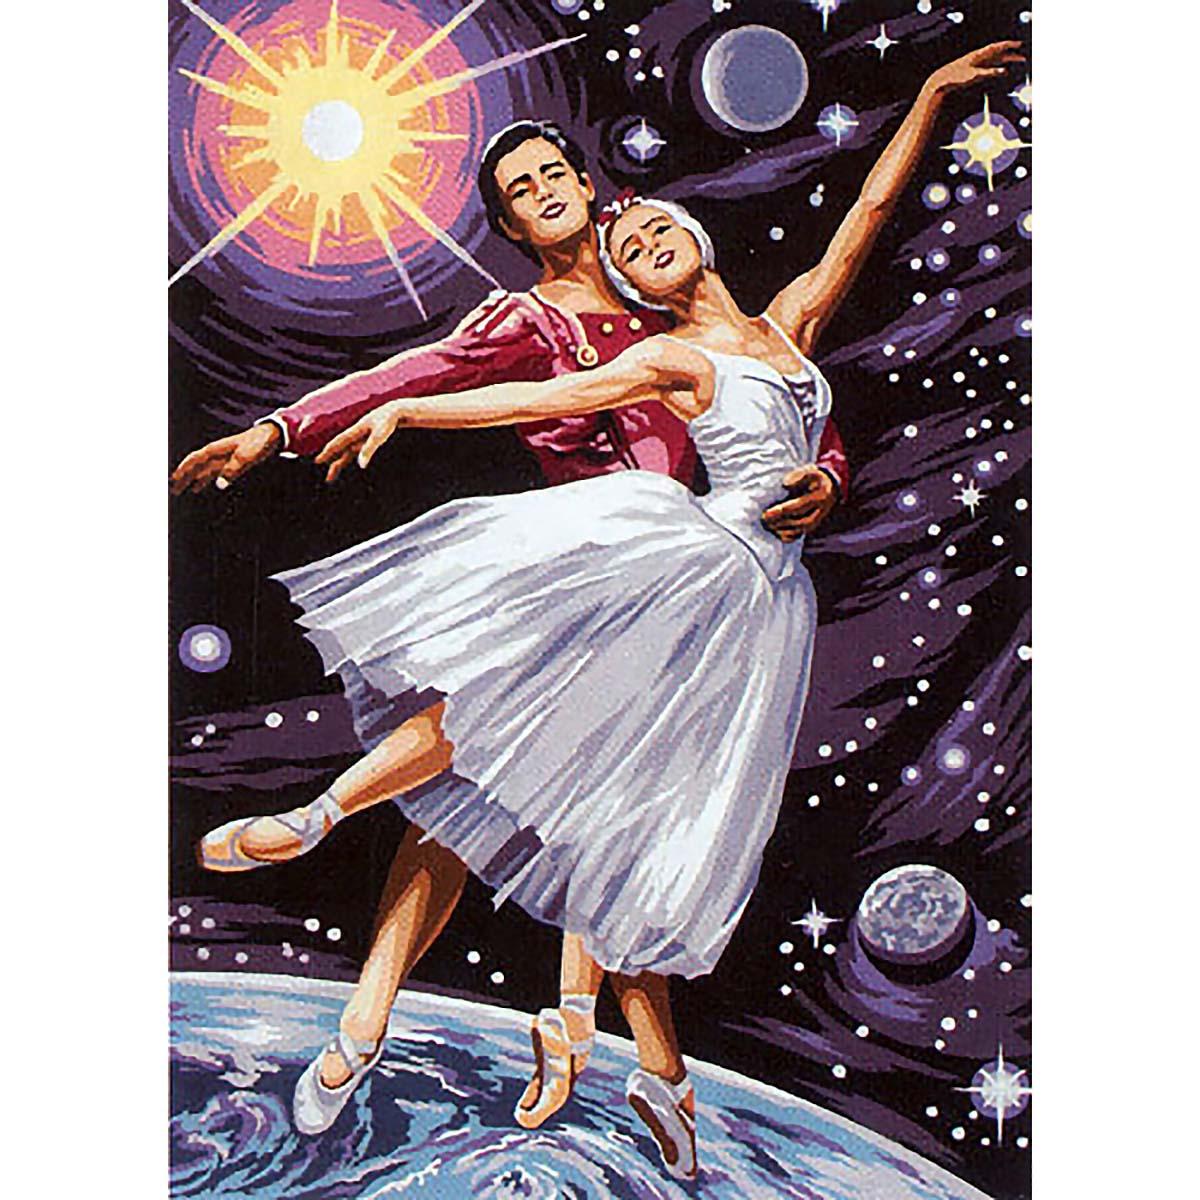 SE929-384 Канва с рисунком SEG de Paris 'Звездный танец' 45*60 см